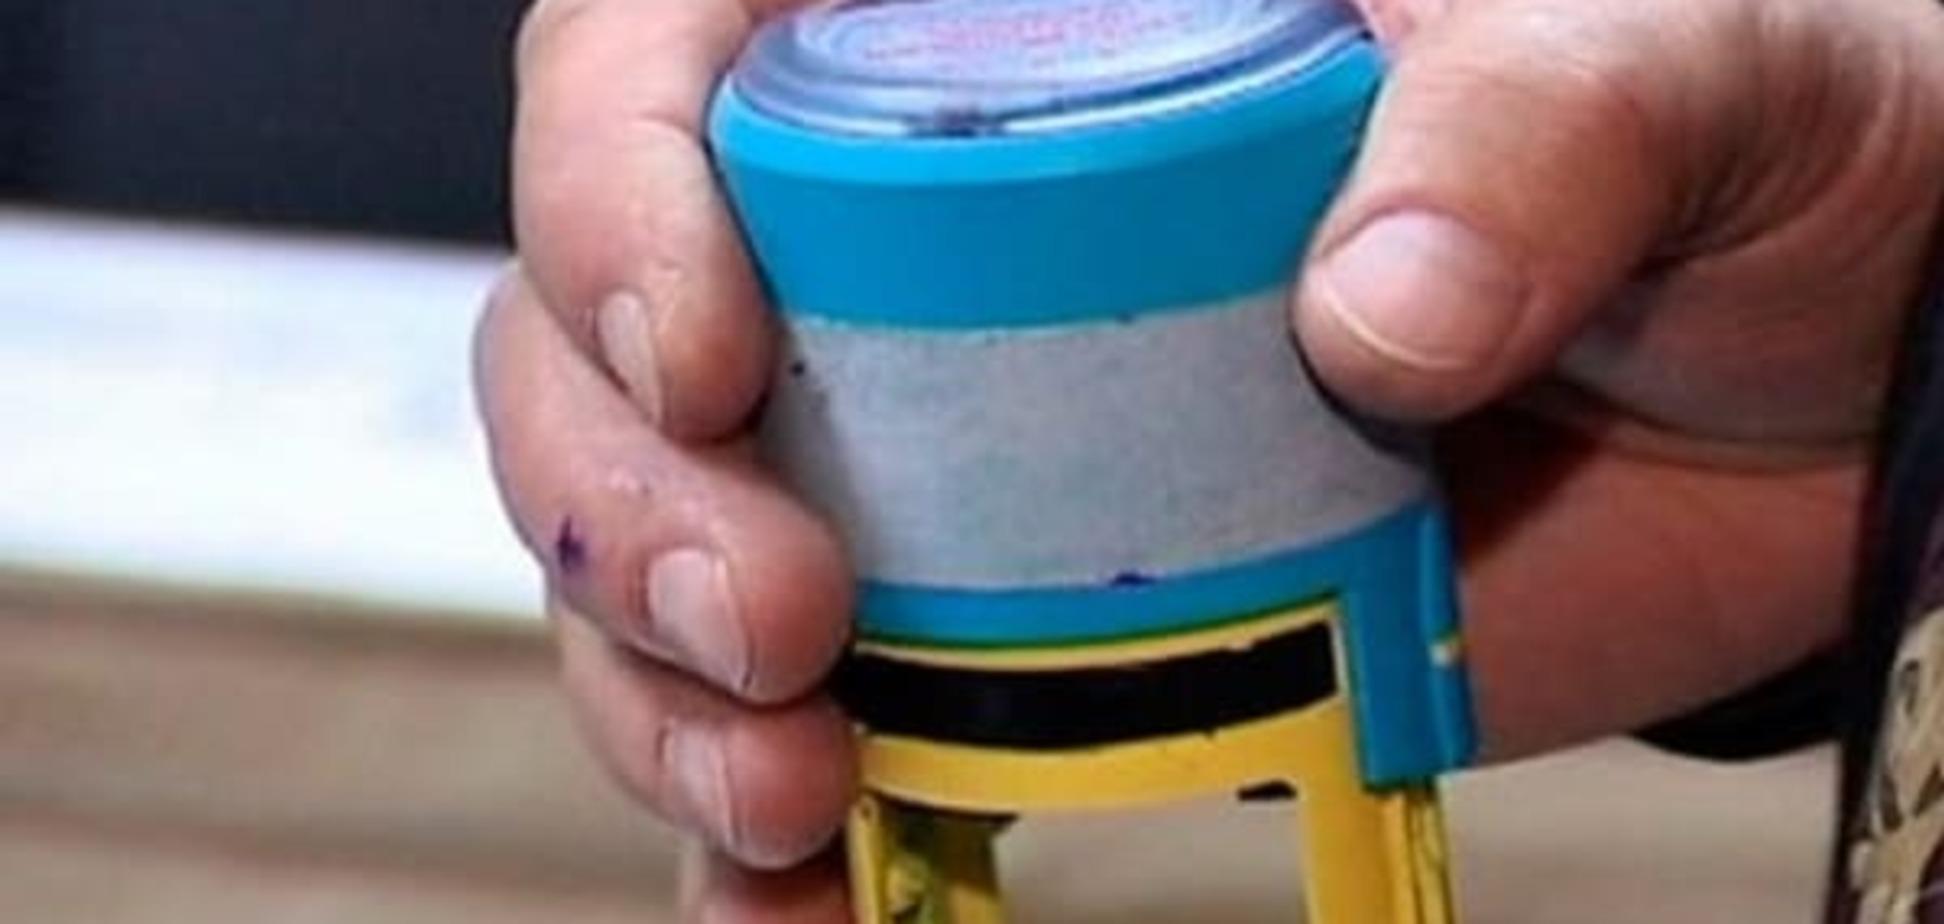 Как на 215 участке печать искали: на видео засняли нарушение на выборах в Киеве